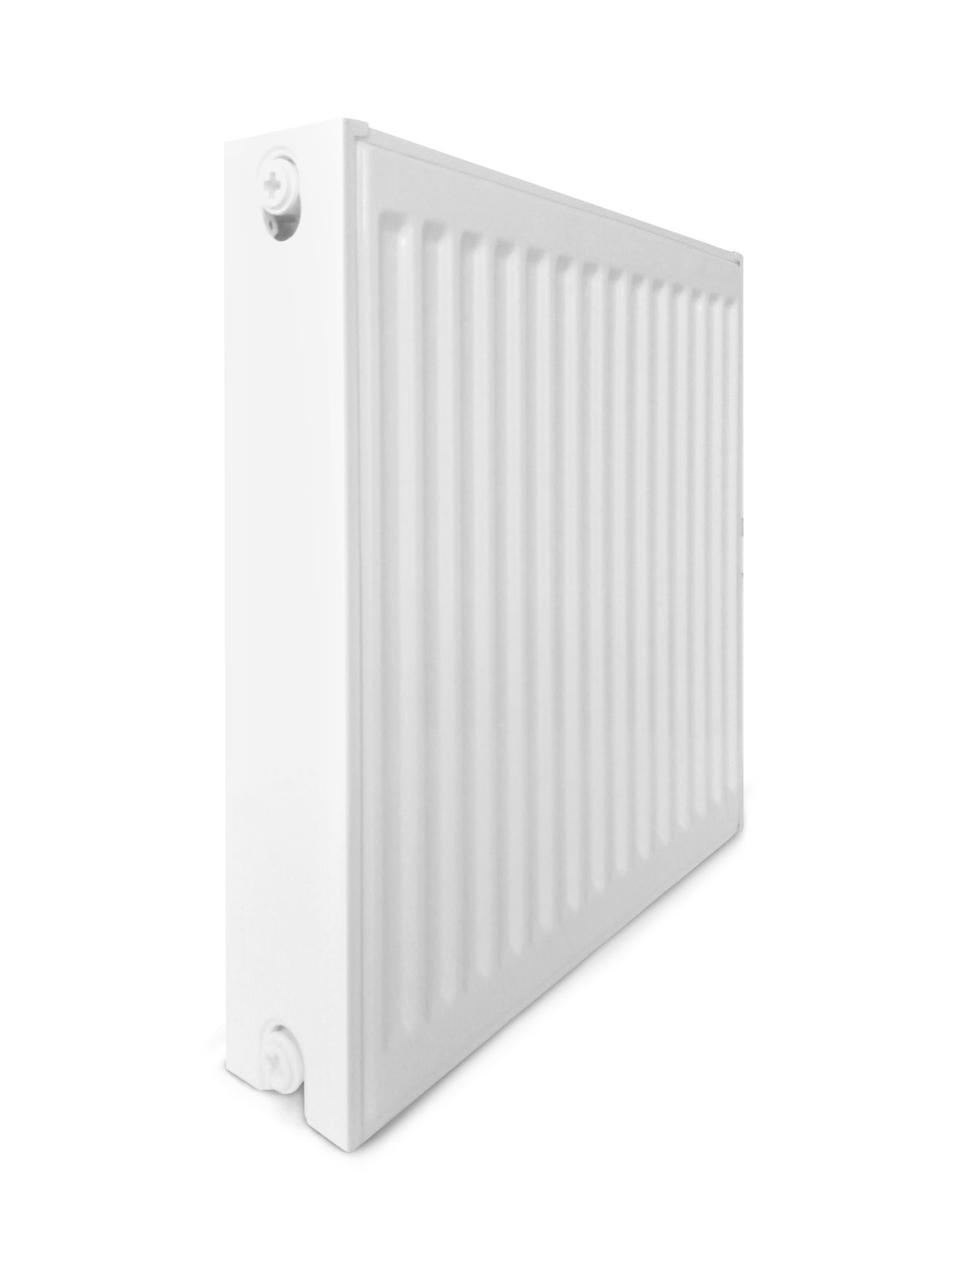 Радиатор стальной панельный Optimum нижний 500 на 800 мм тип 22 (1632 Вт)